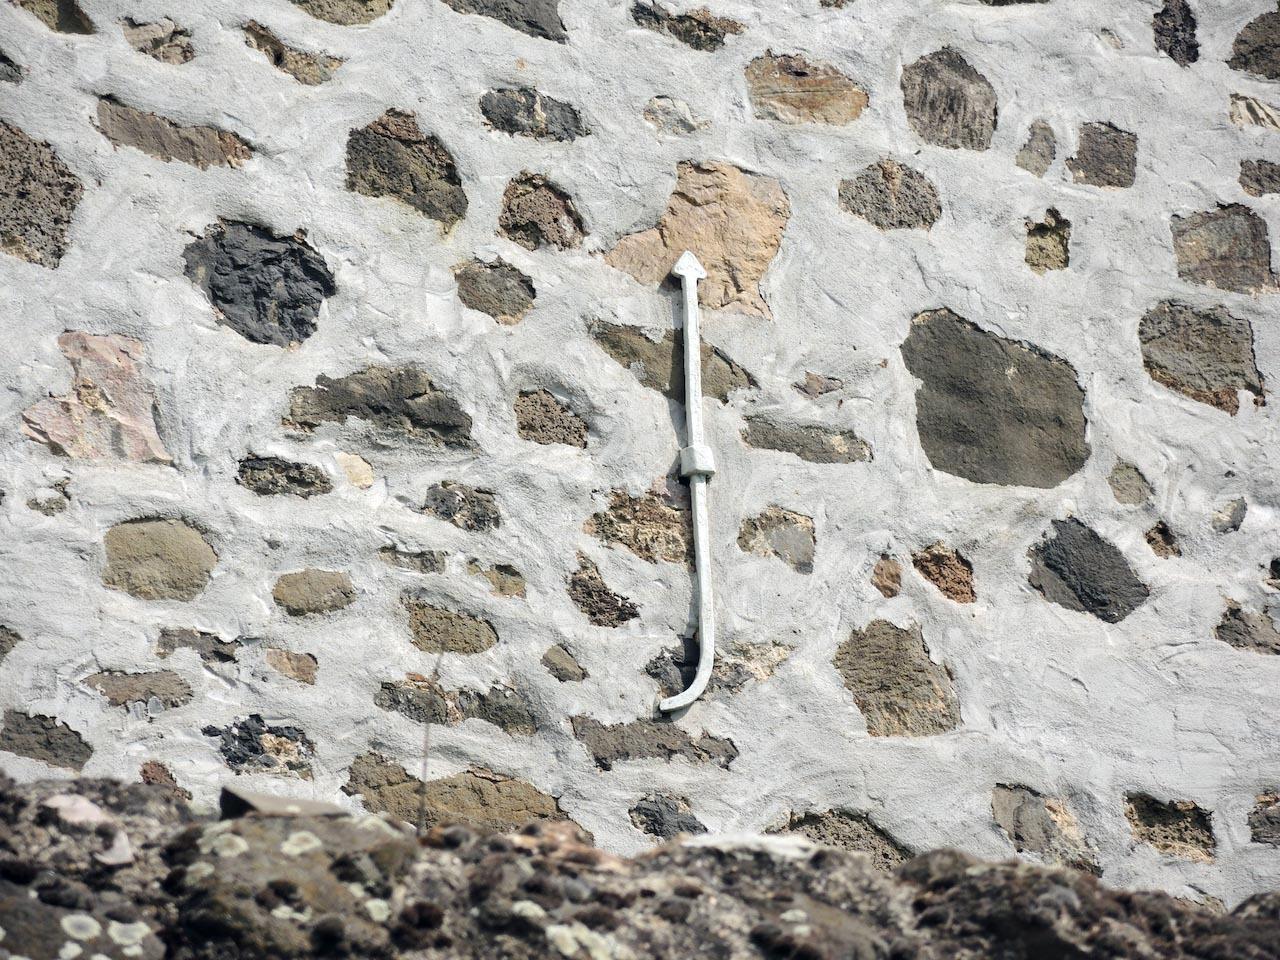 Friedberg の街で見かけた文字(2)おもしろい数字がたくさん_e0175918_00050372.jpg